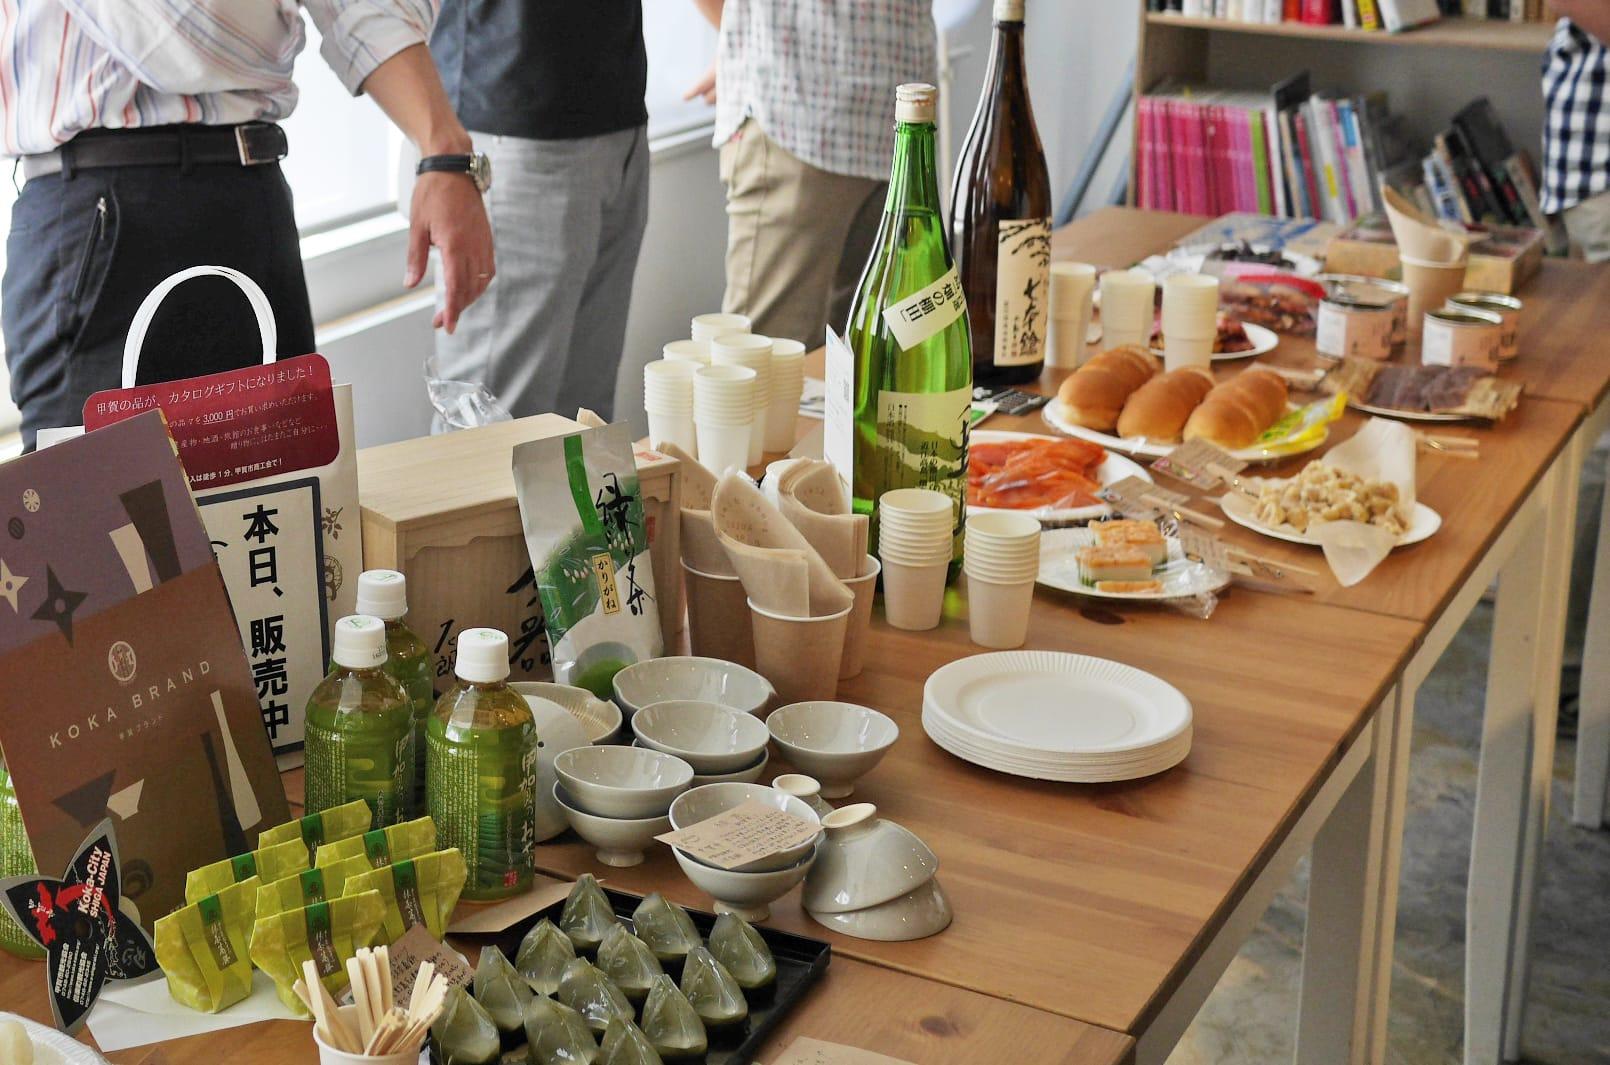 イベント会場には、滋賀県のイチオシ食材がズラリ。琵琶湖だけに生息する「ビワマス」のスモークや、地元の人に57年愛され続ける、沢庵漬が入った「サラダパン」など、東京ではなかなか味わえない滋賀名物も。